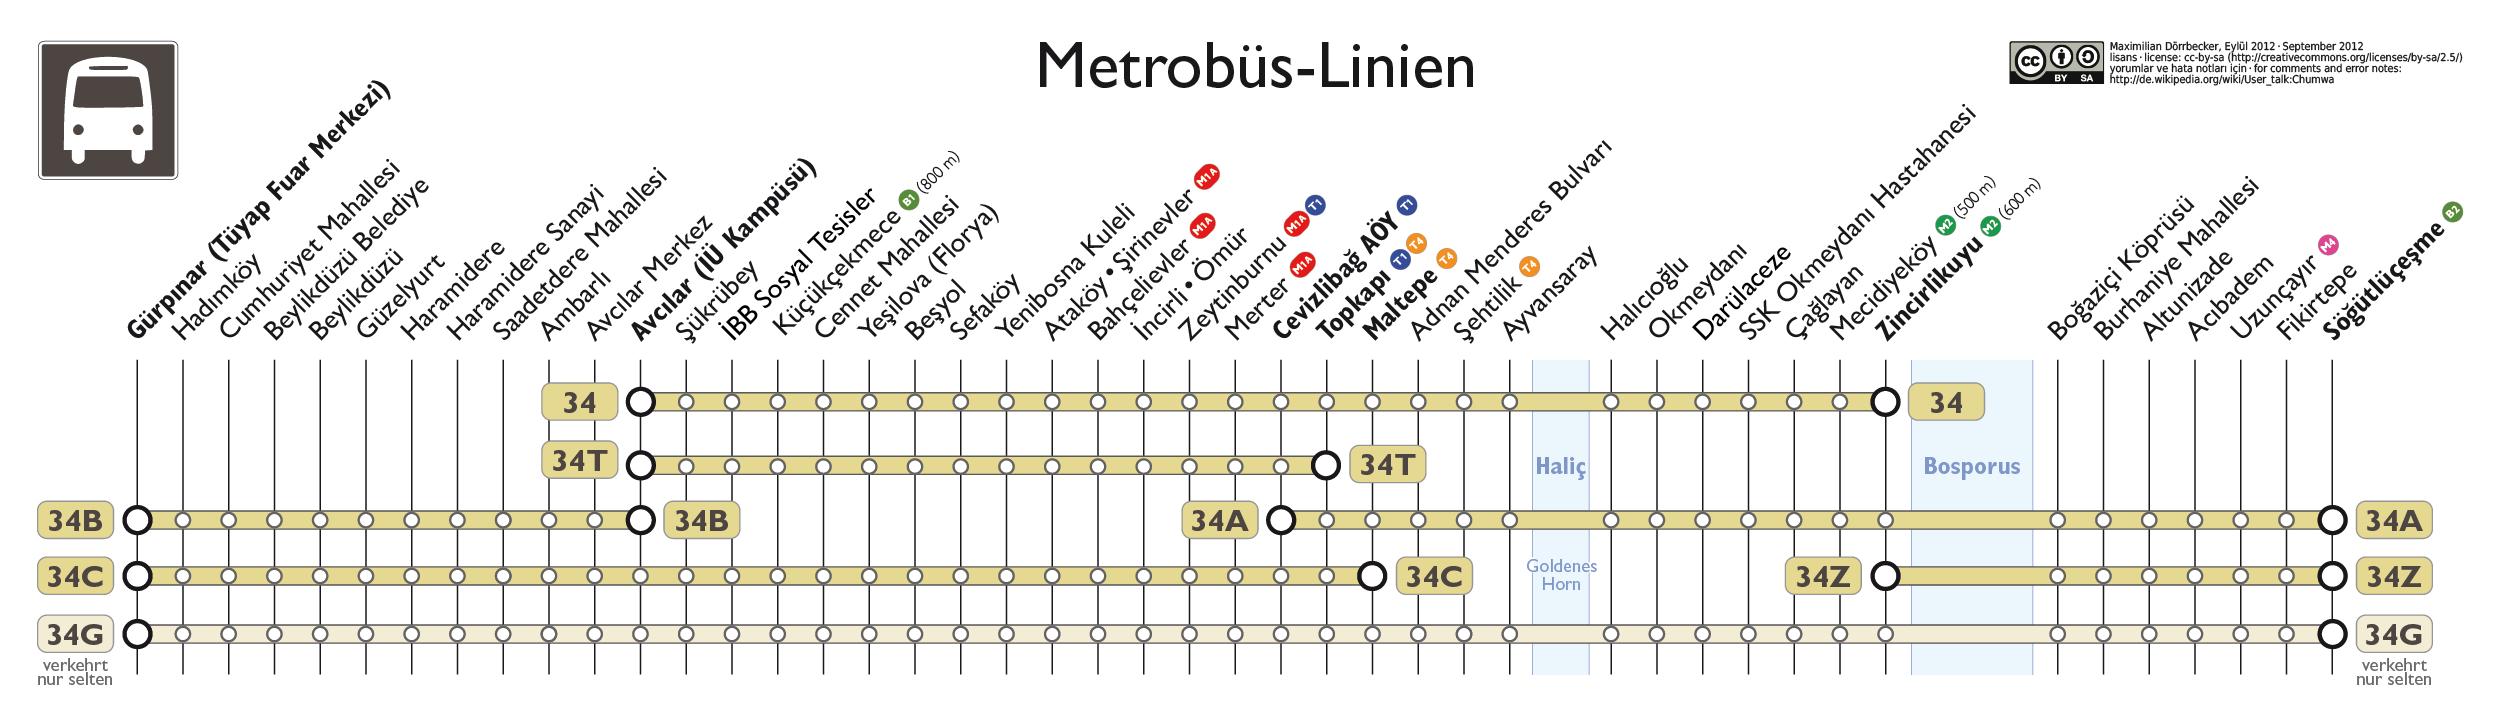 схема маршрутов транспорта стамбула